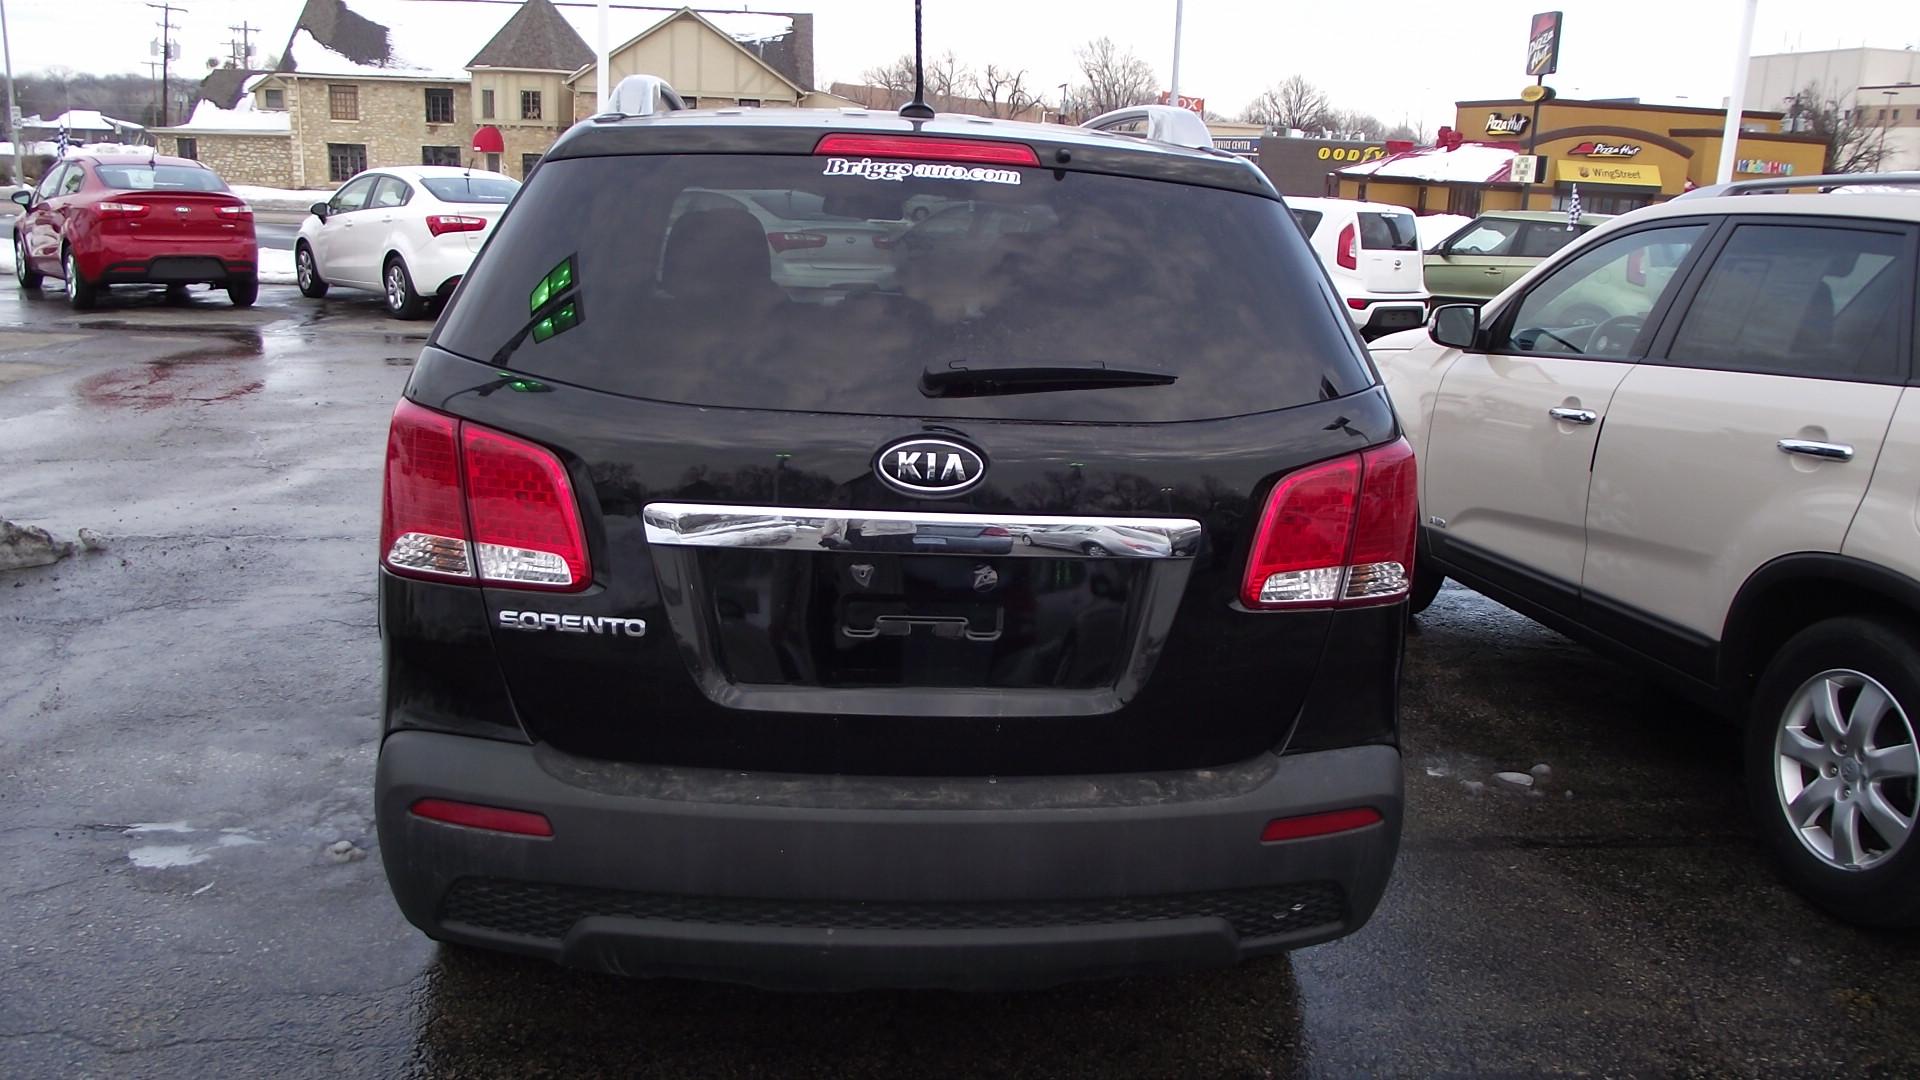 ford escape vs kia sorento review new cars new car prices car html autos weblog. Black Bedroom Furniture Sets. Home Design Ideas